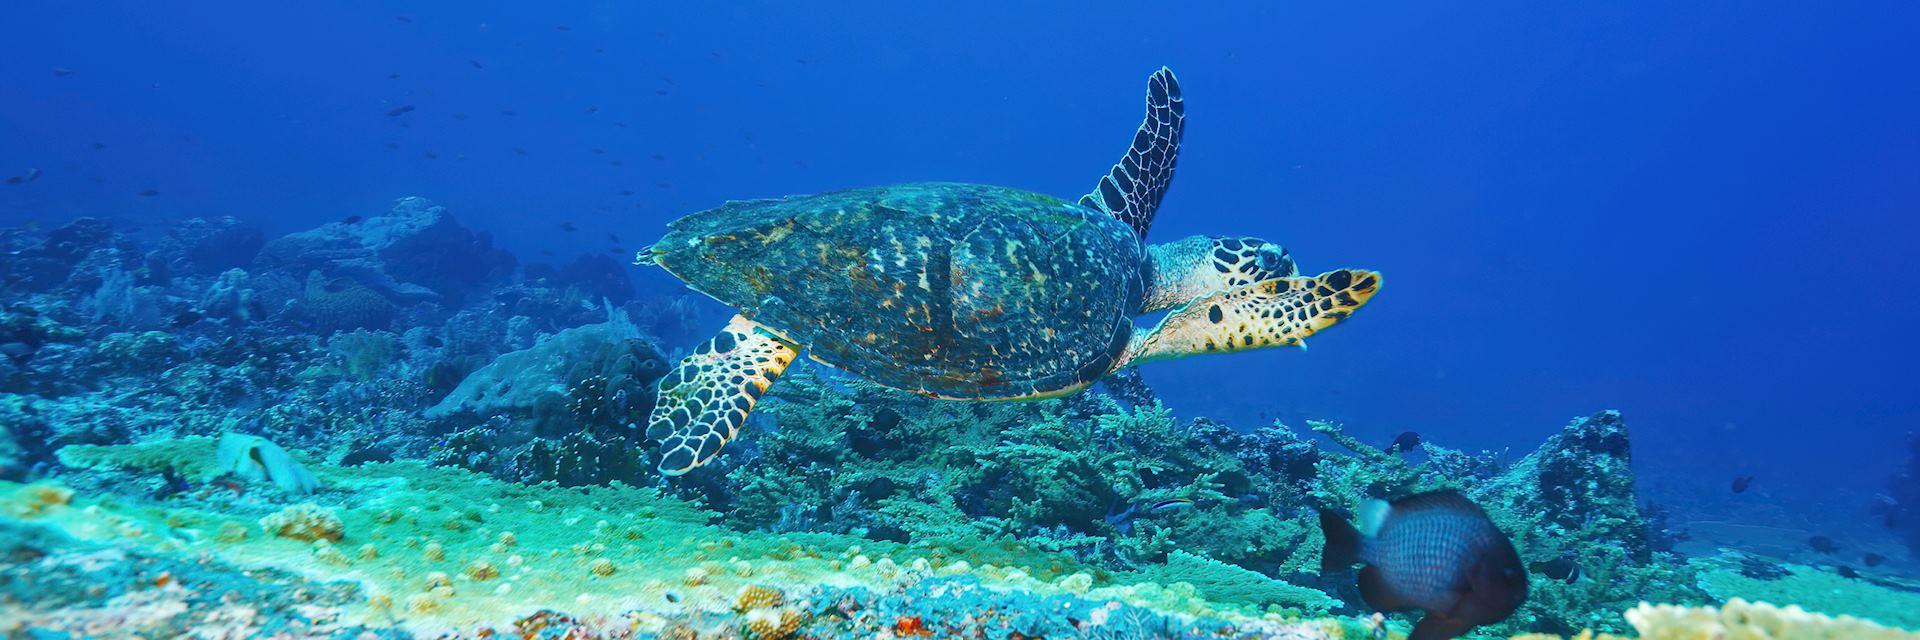 Green turtle, Bali